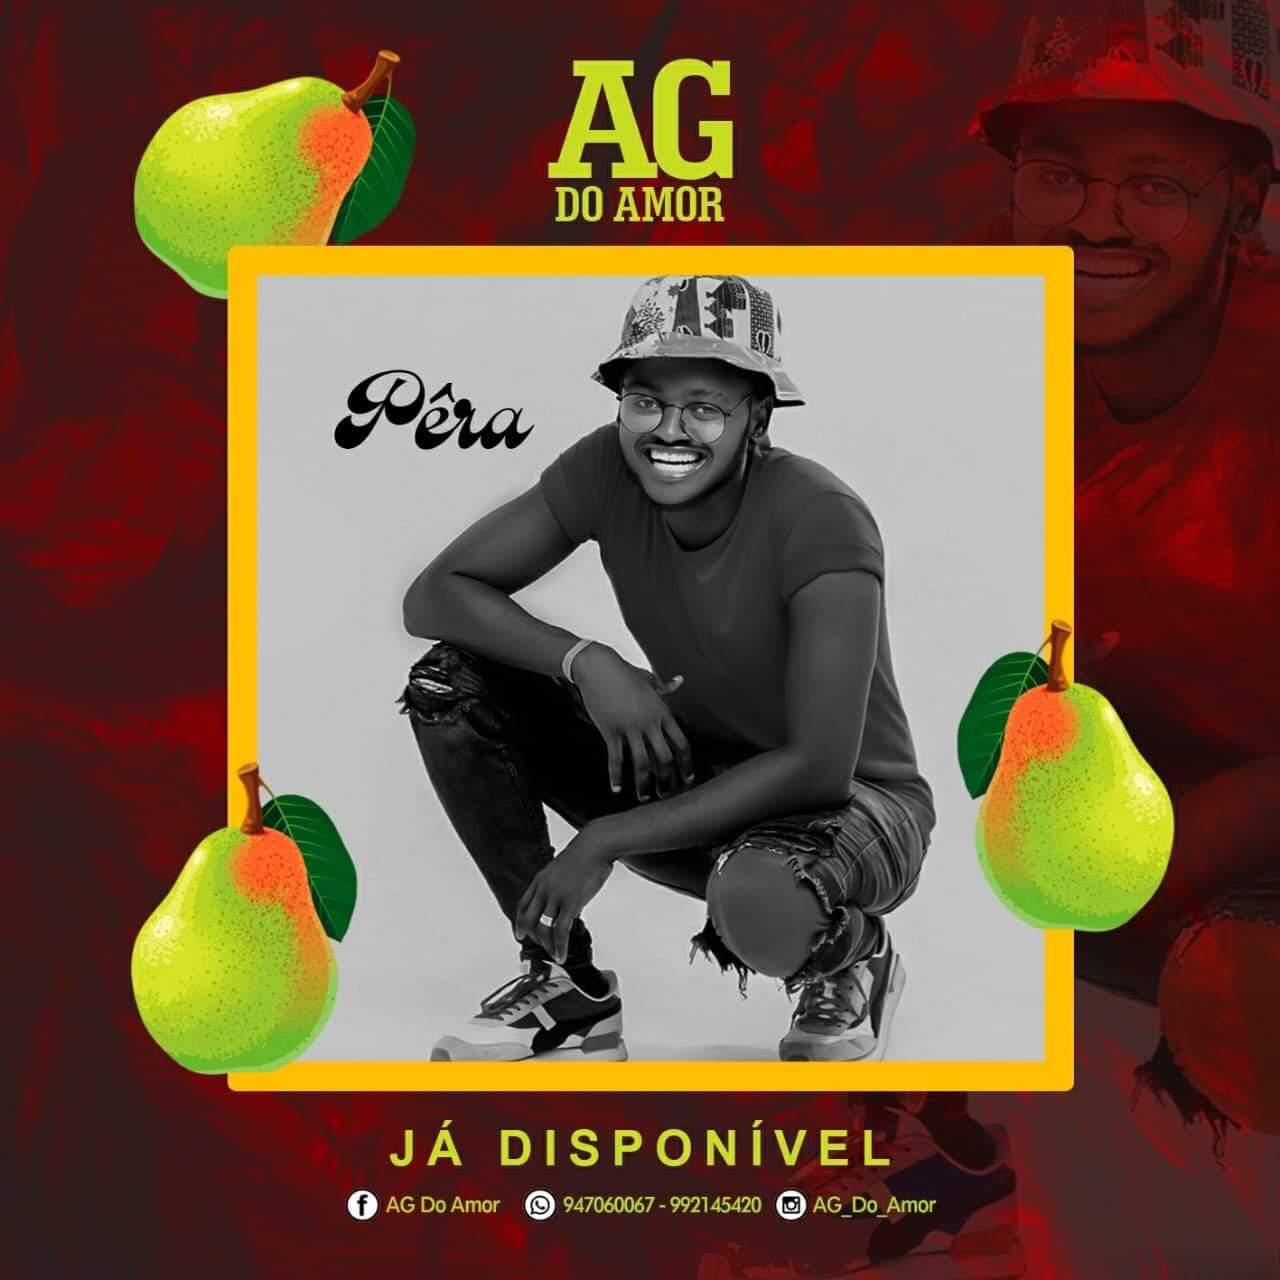 AG do Amor - Pera